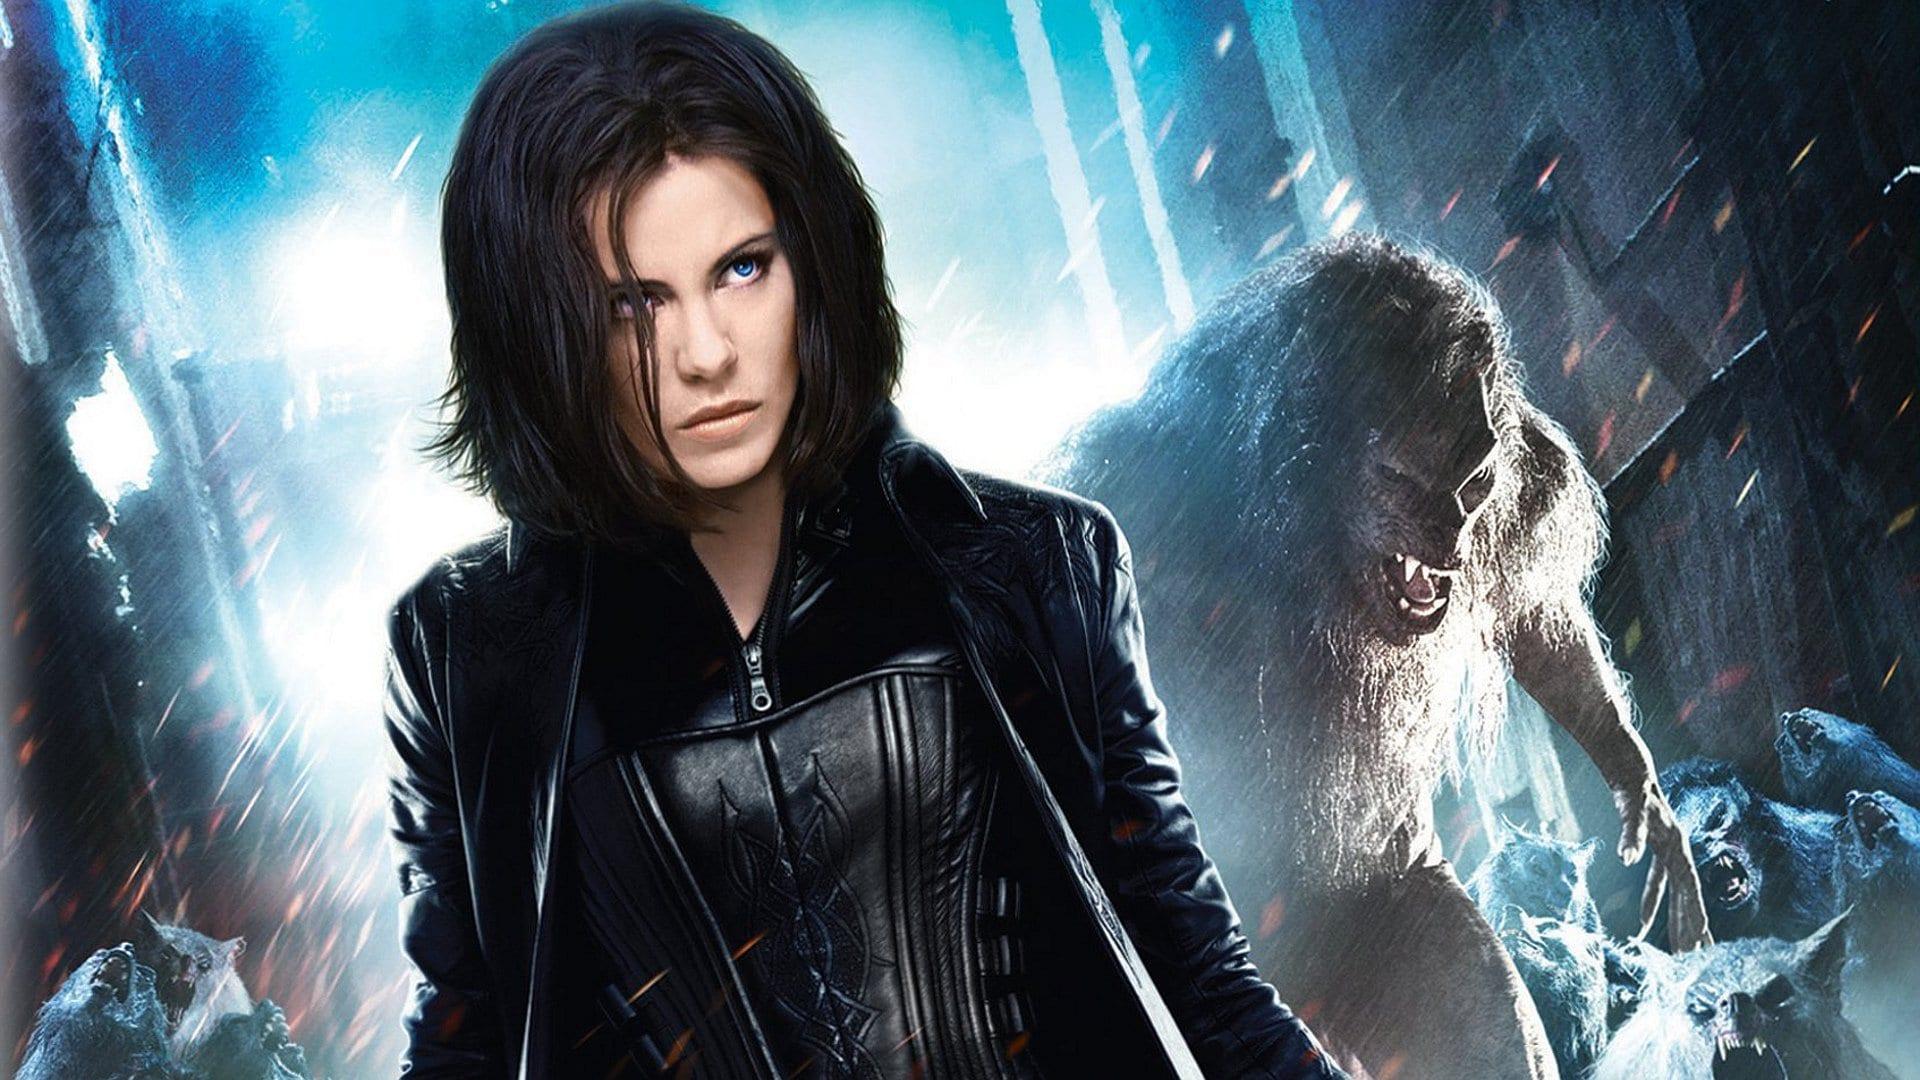 Regarder Underworld : Nouvelle Ère en streaming gratuit